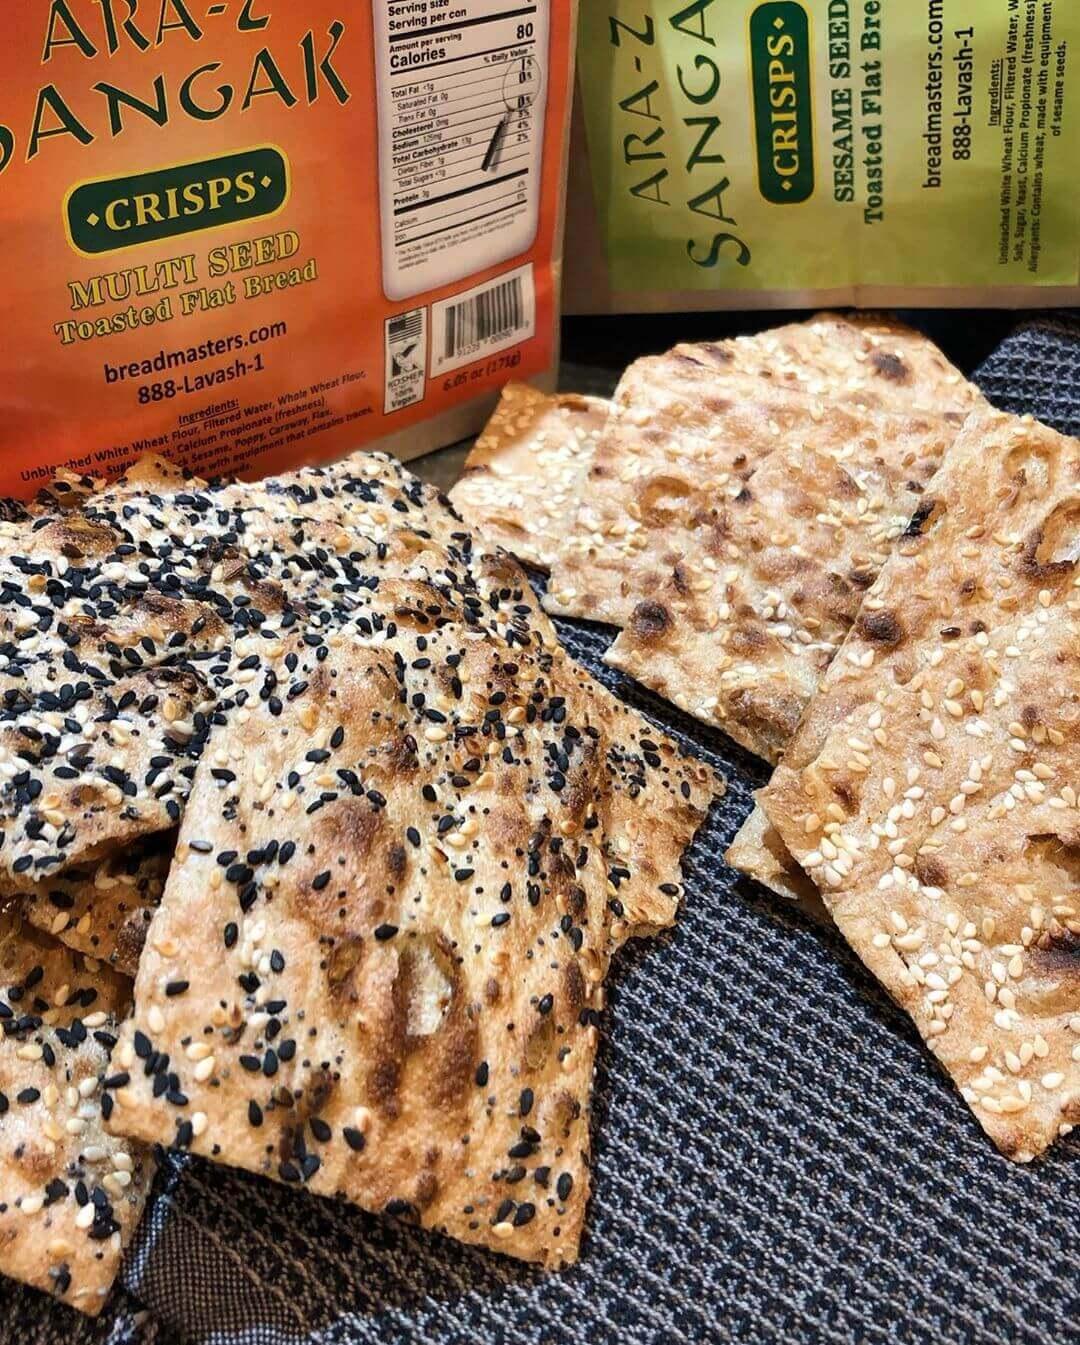 Borani-e-Kadoo-va-Bademjan-recipe-bread-sangak-crisps-persian-cuisine-breadmasters-araz